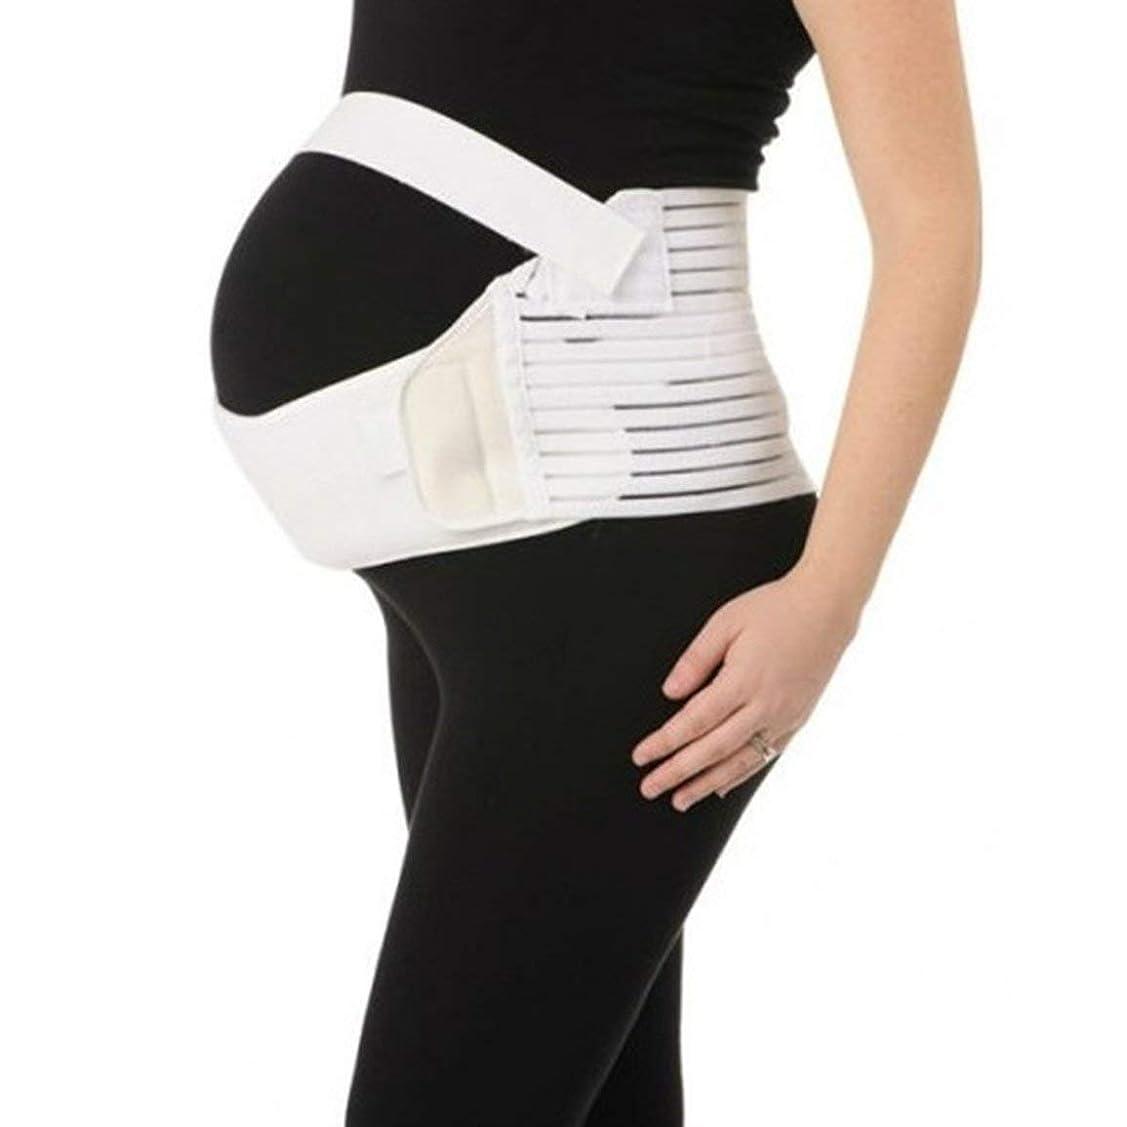 酔う想起強盗通気性産科ベルト妊娠腹部サポート腹部バインダーガードル運動包帯産後の回復形状ウェア - ホワイトM